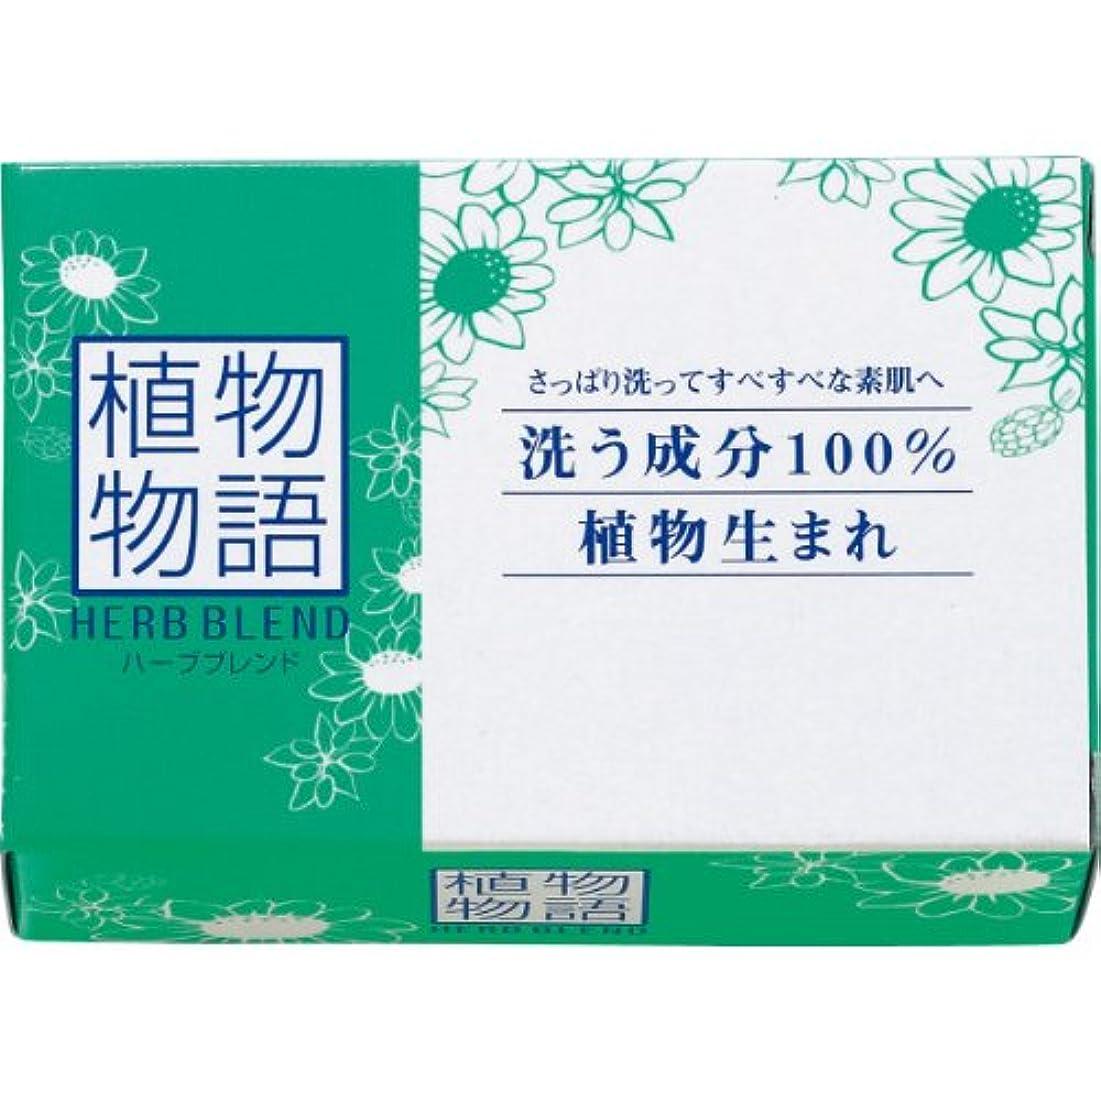 老朽化した地上の復活する【ライオン】植物物語ハーブブレンド 化粧石鹸 80g